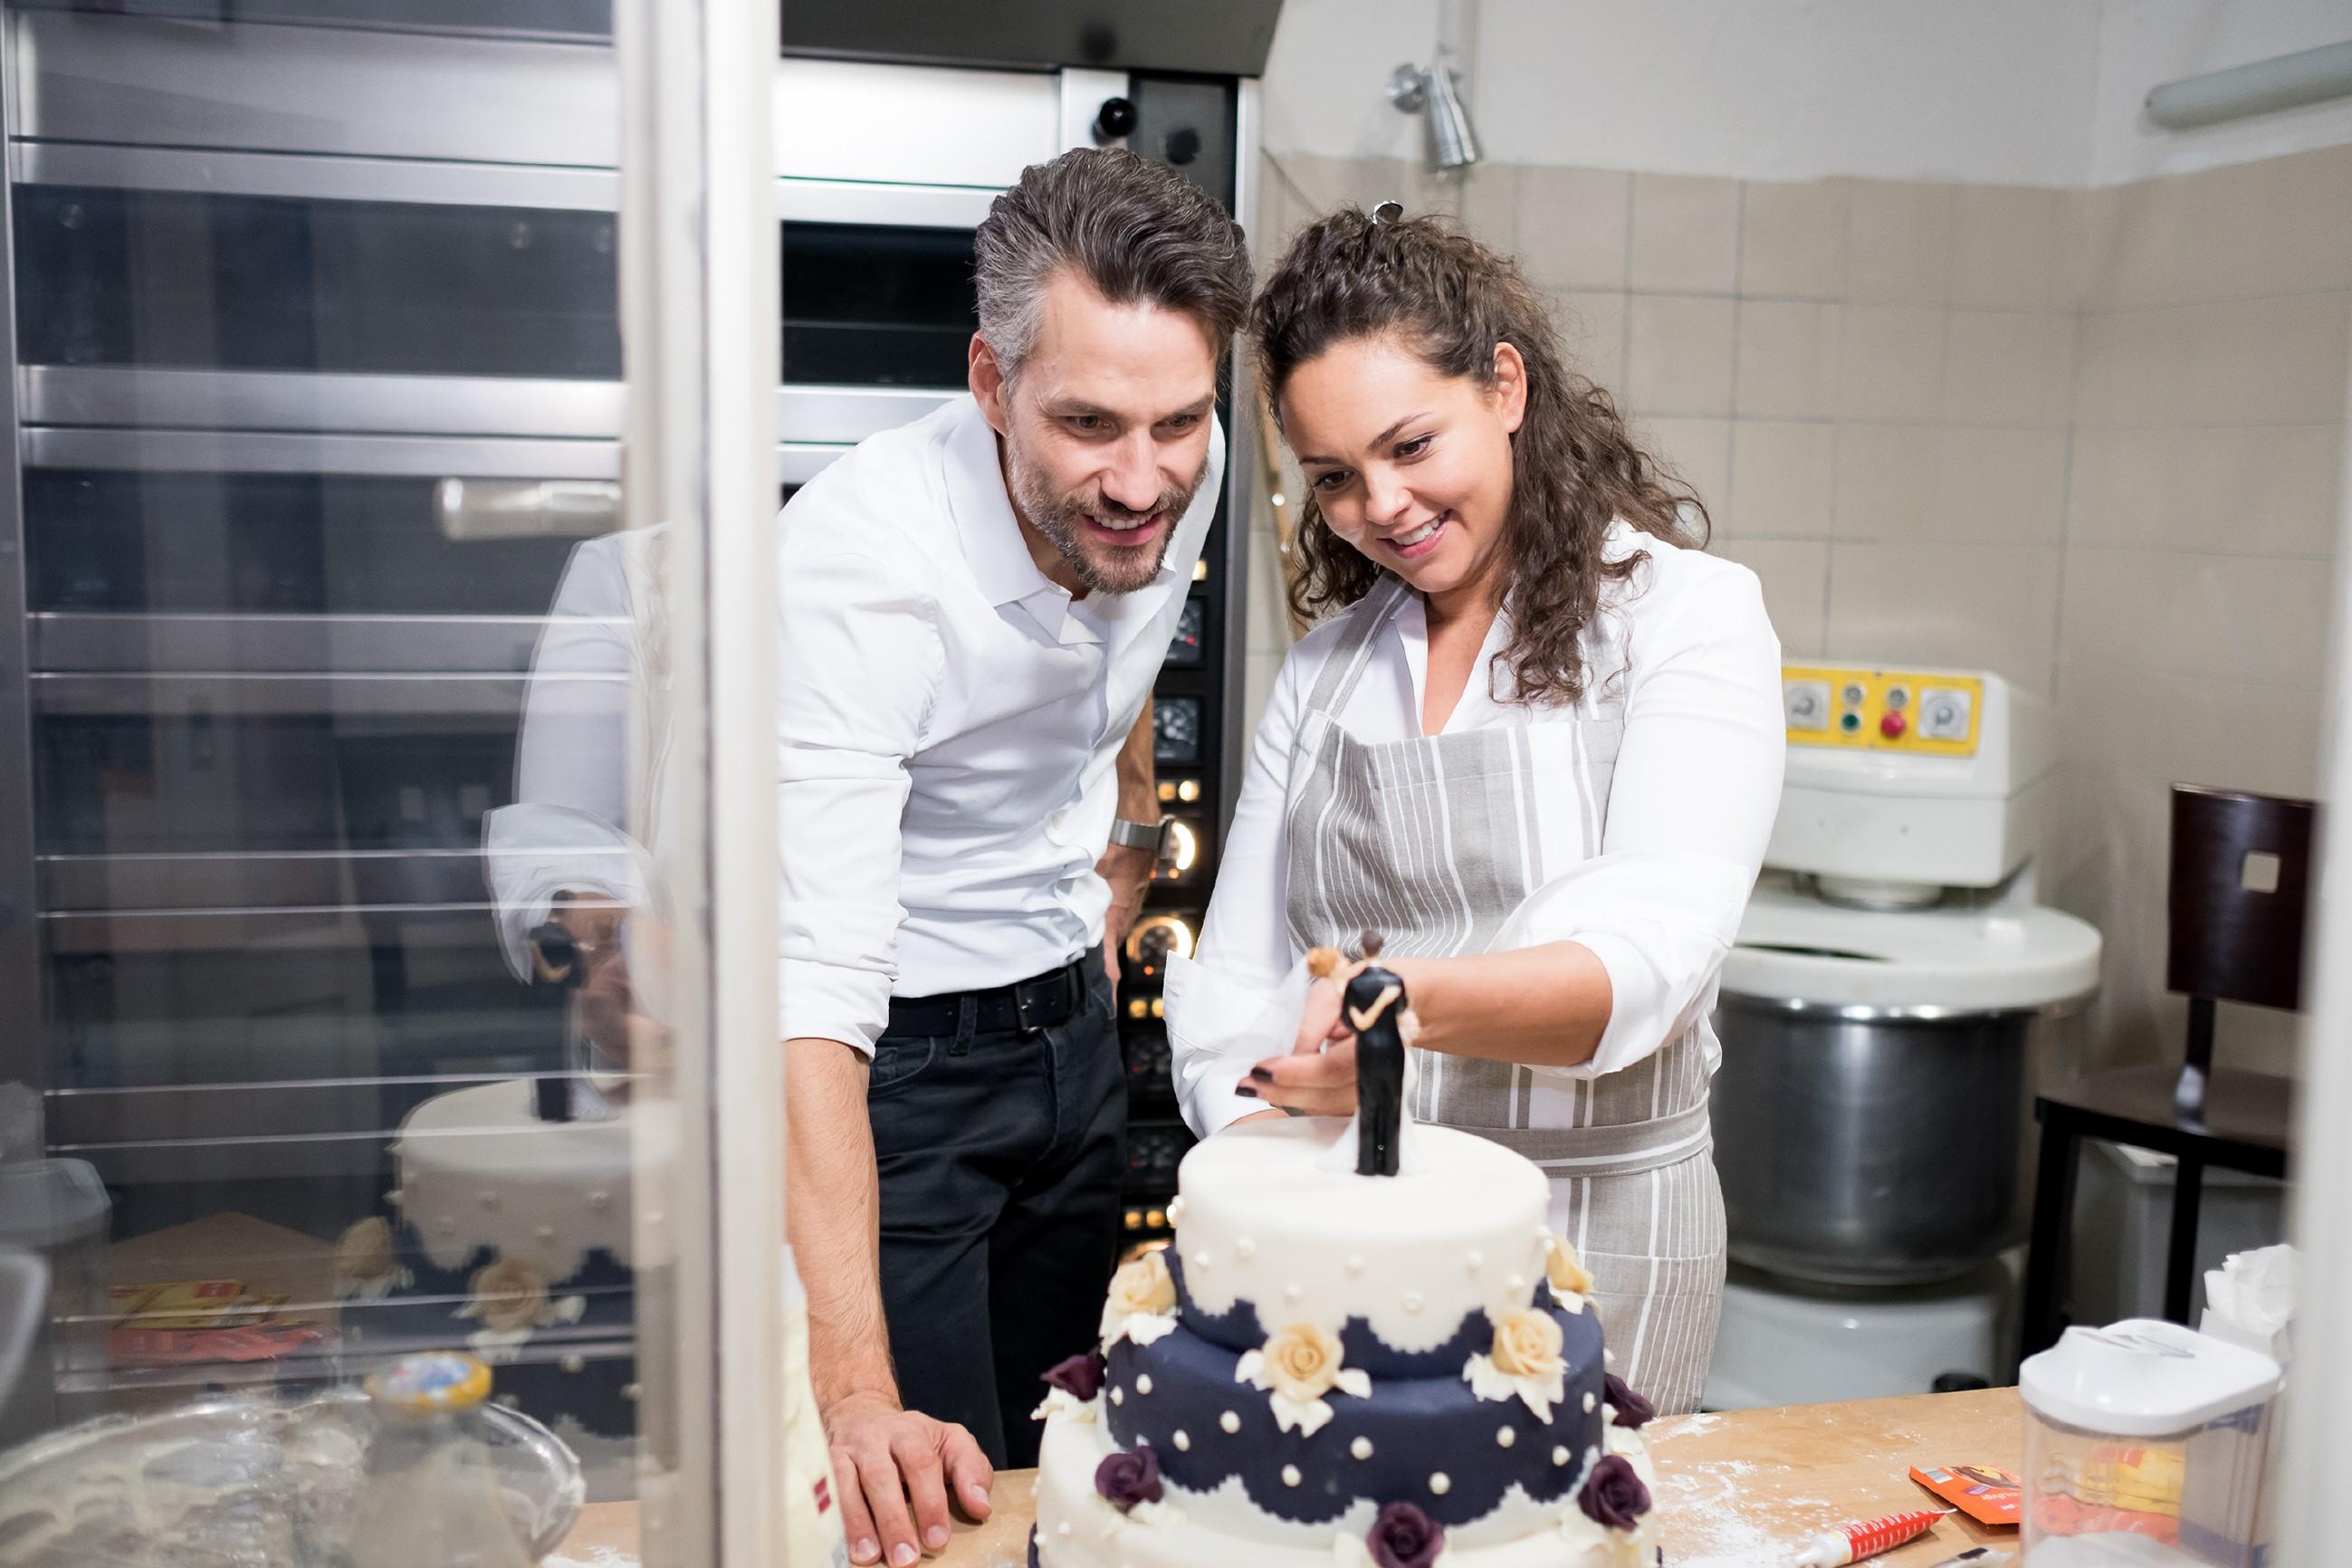 Als Malte (Stefan Bockelmann) und Caro (Ines Kurenbach) eine Not-Hochzeitstorte backen, blitzt für einen kurzen Moment ihre alte Vertrautheit auf. (Foto: RTL / Stefan Behrens)